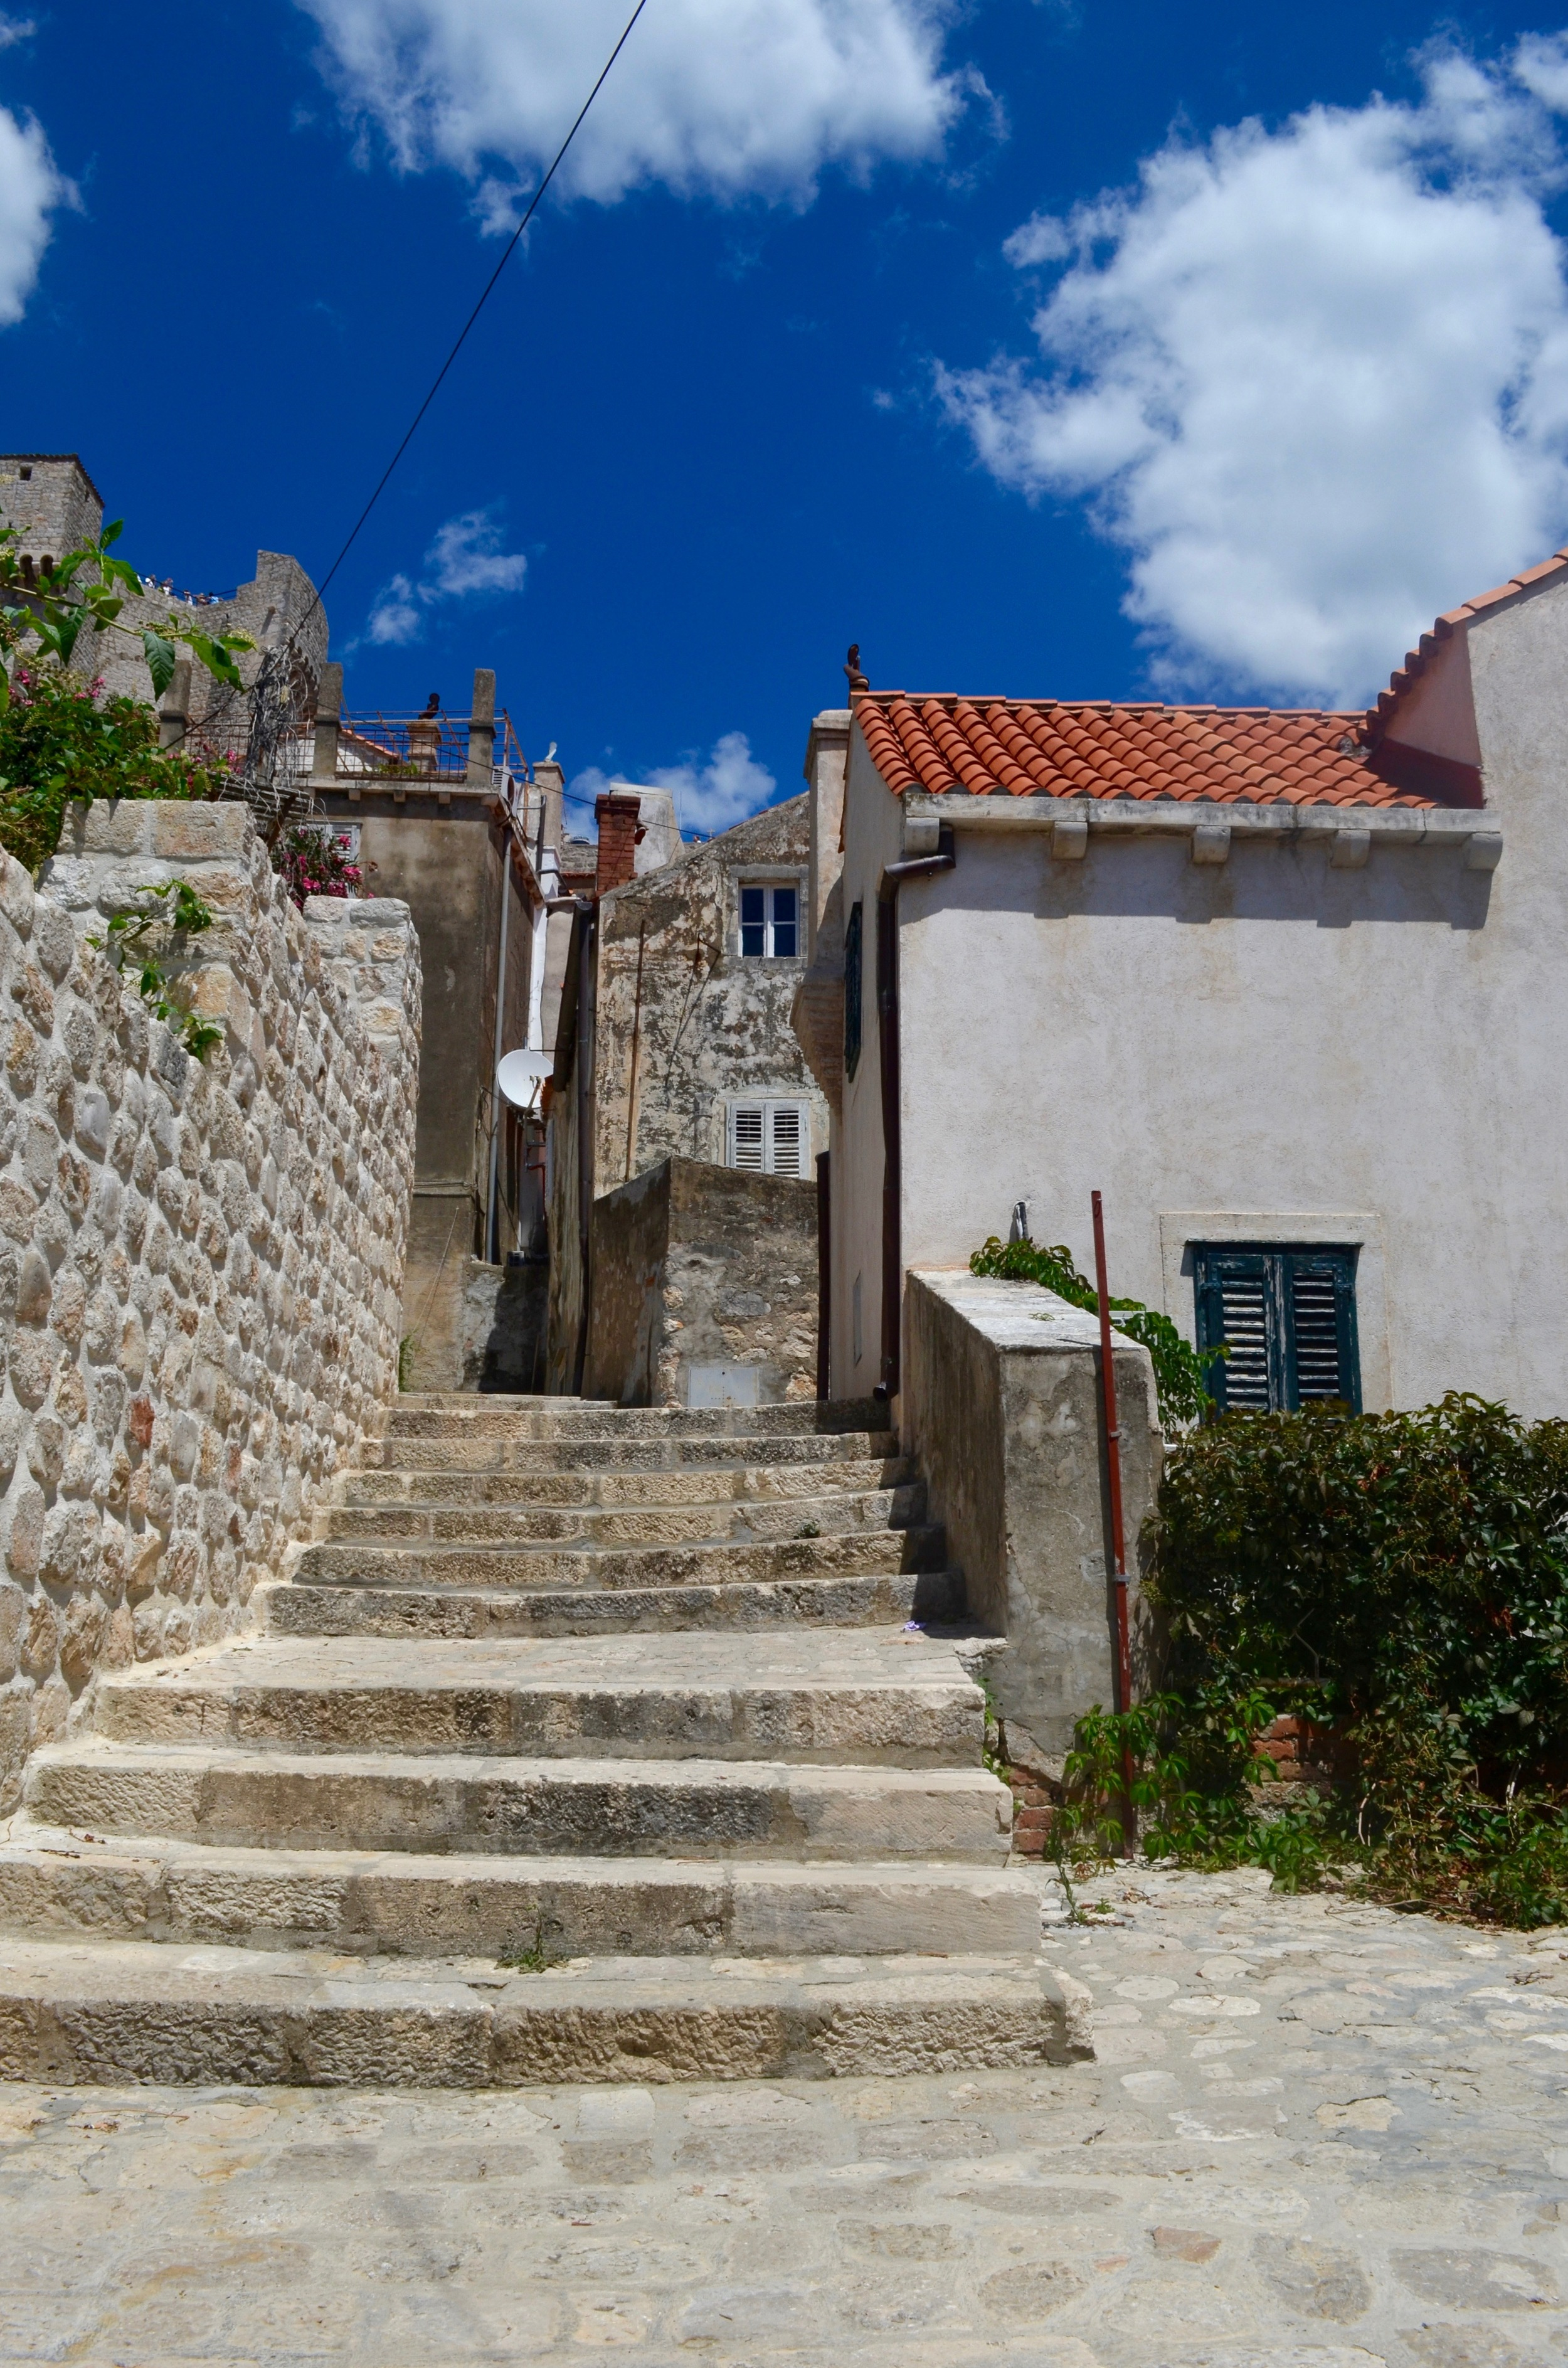 Dubrovnikstairs.jpg